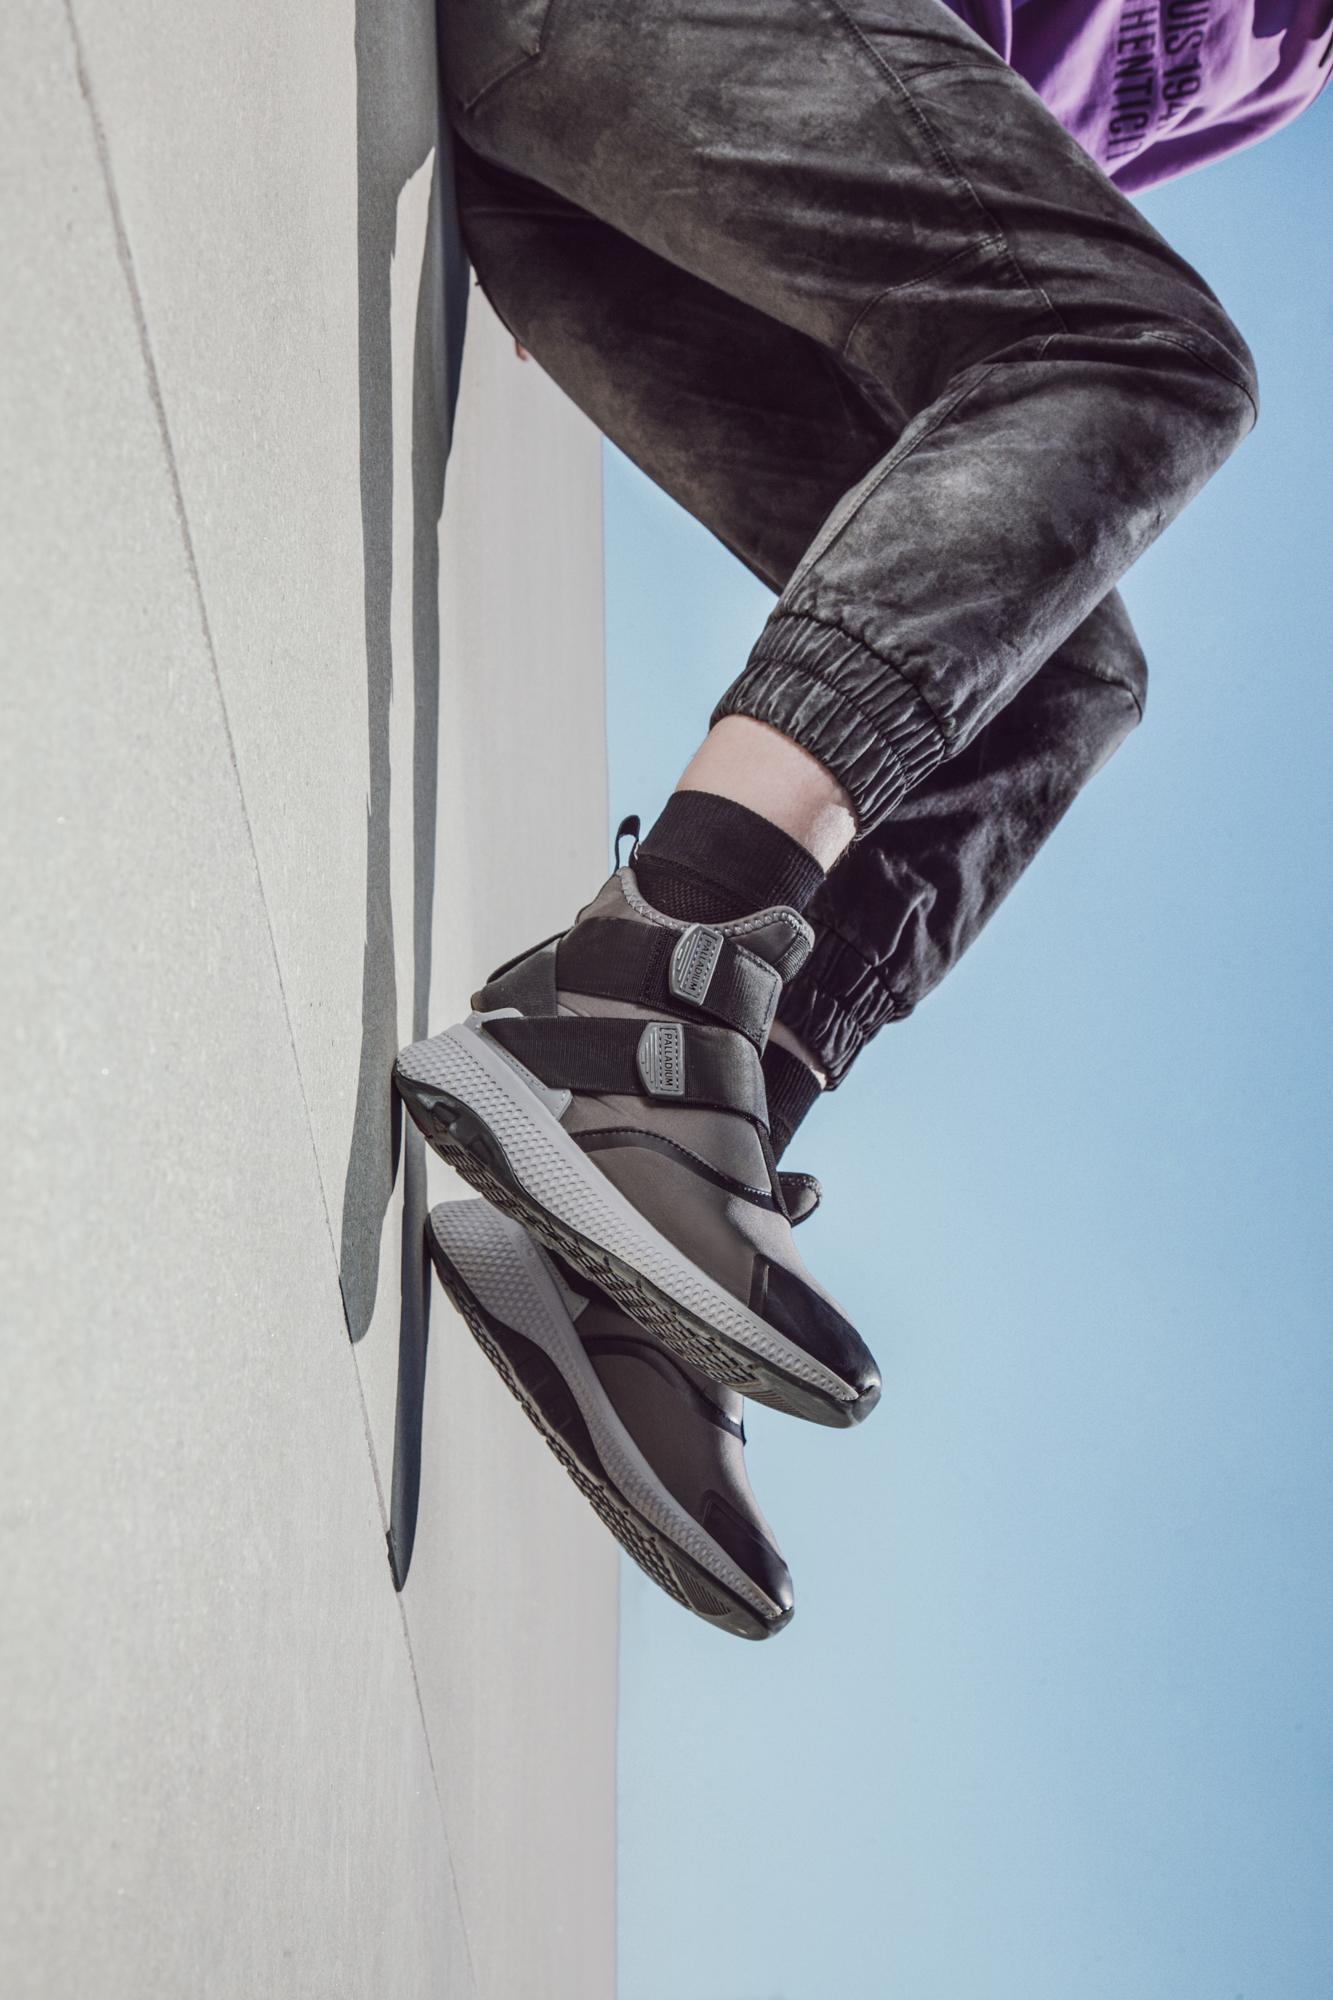 总是缺一双好鞋?5个运动品牌最新潮鞋上市大盘点啦!拿这篇直接PICK | 妞週报